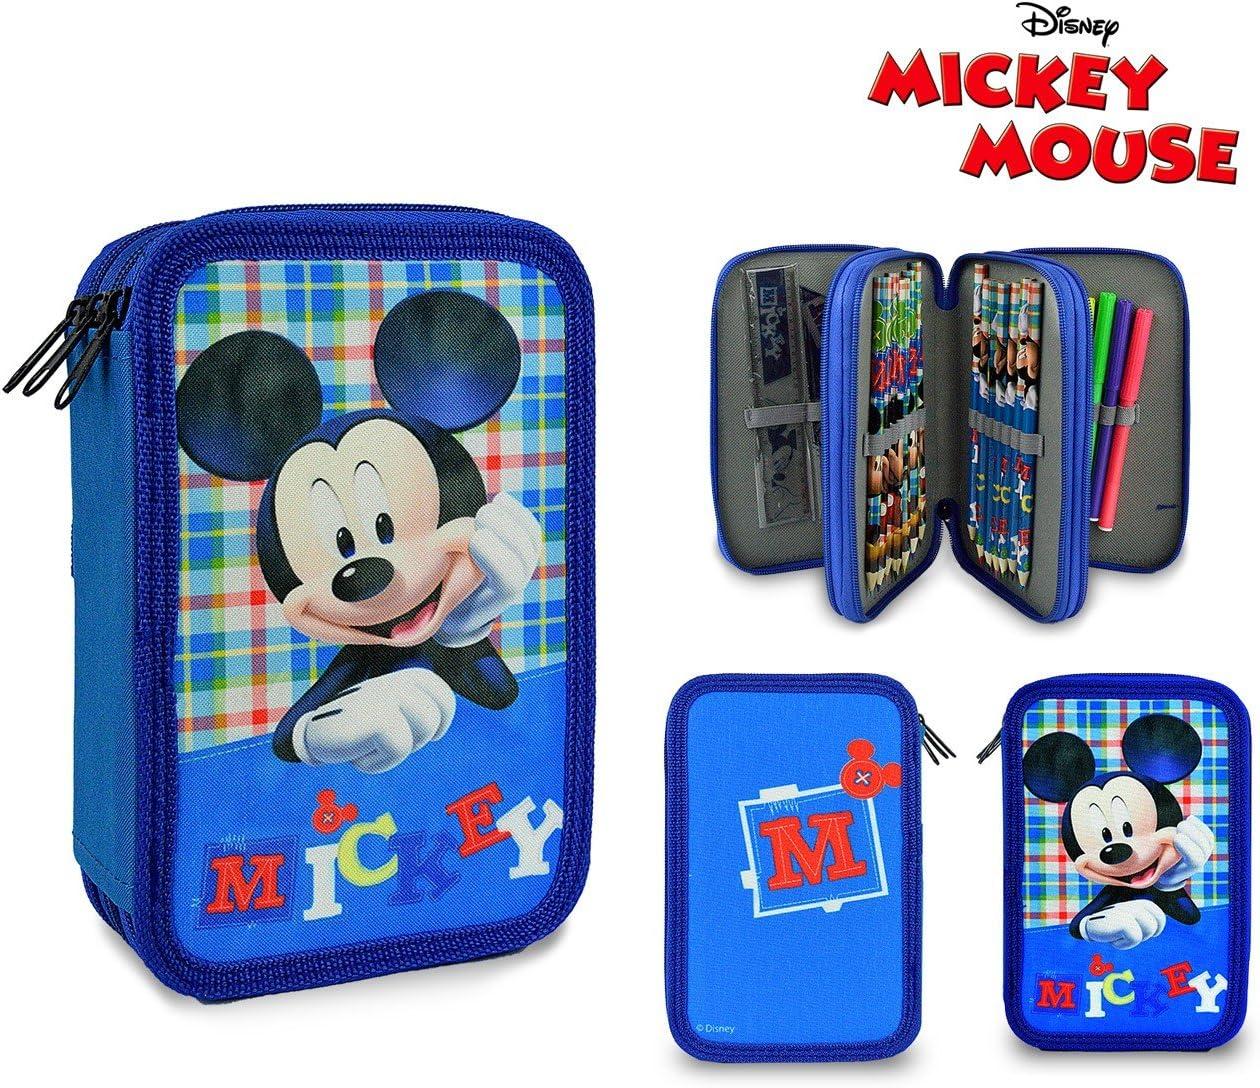 Mickey Mouse 686947 Estuche Porta lápizes 3 apartados completos con Accesorios: Amazon.es: Juguetes y juegos